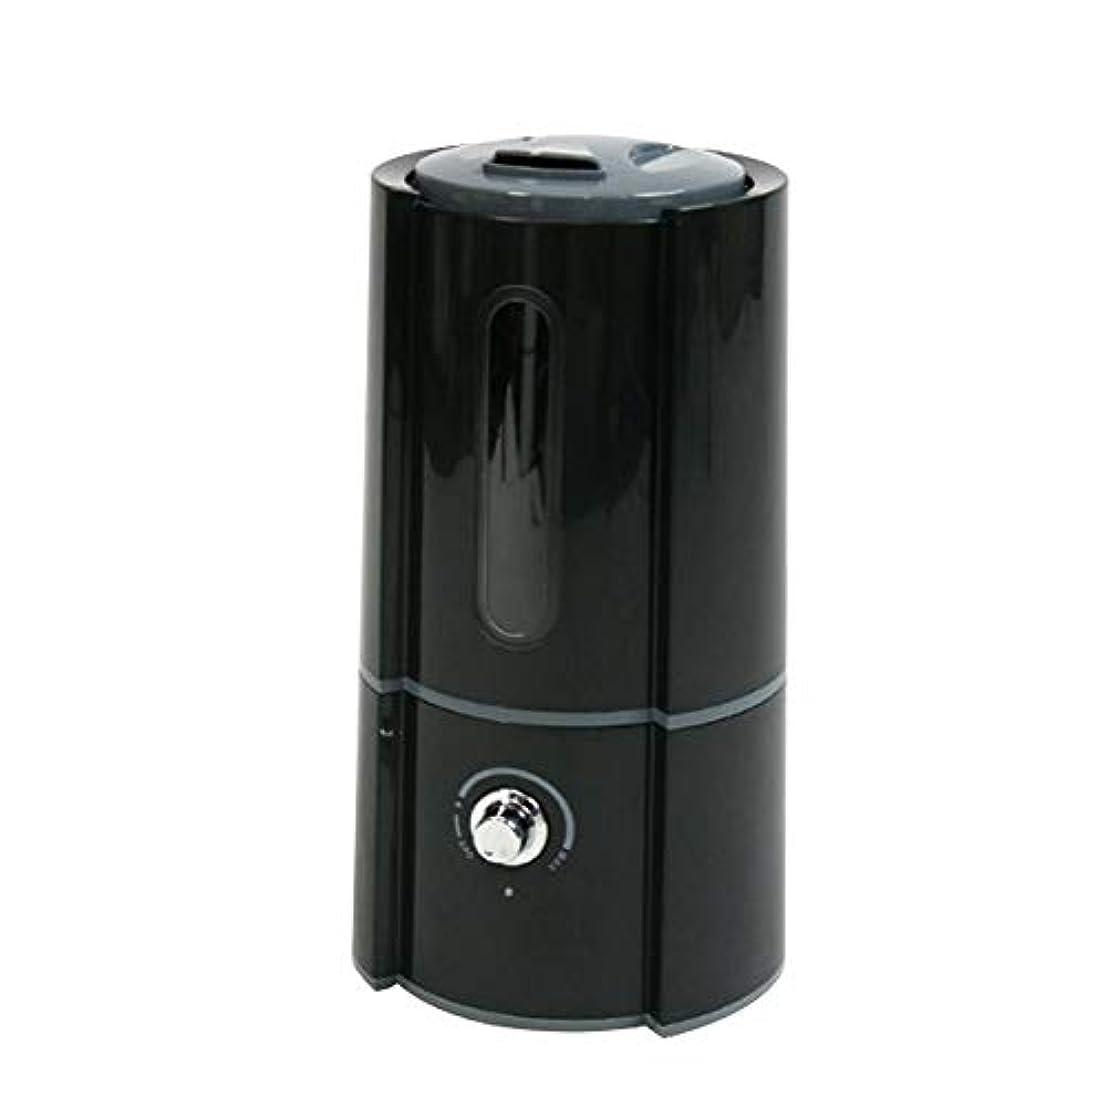 立証するブラストホバート加湿器 超音波式 大容量 2.5L 400ml/h DOLCE 卓上 オフィス ディフューザー 加湿量調節 ブラック